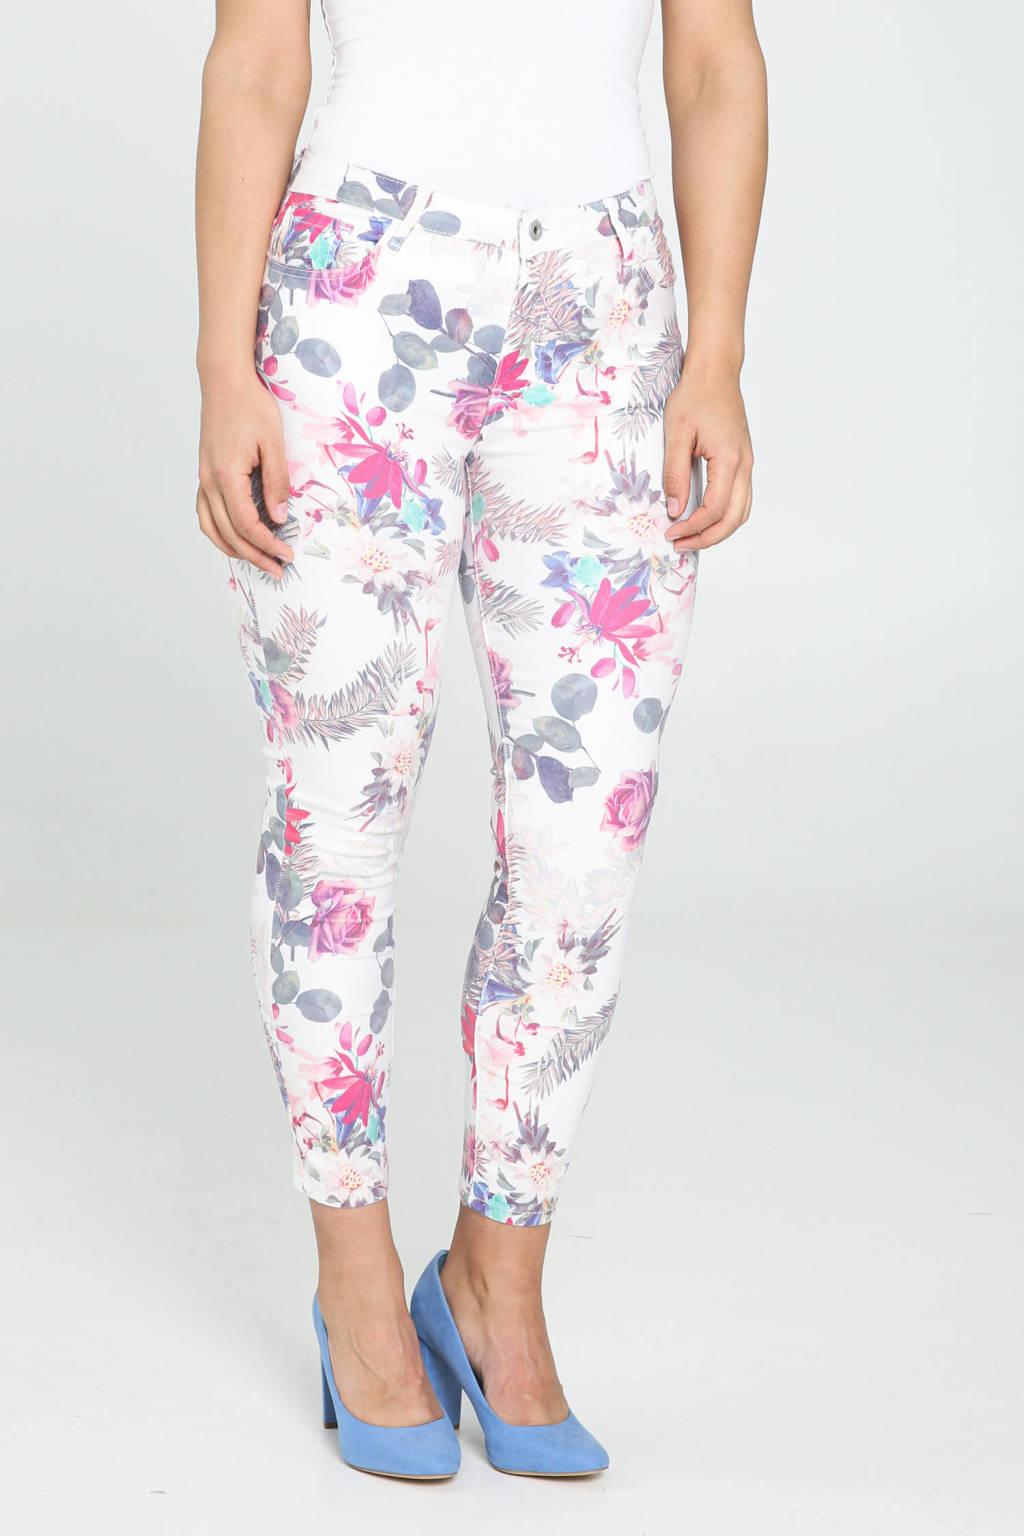 Cassis gebloemde cropped skinny broek ecru/roze/blauw, Ecru/roze/blauw